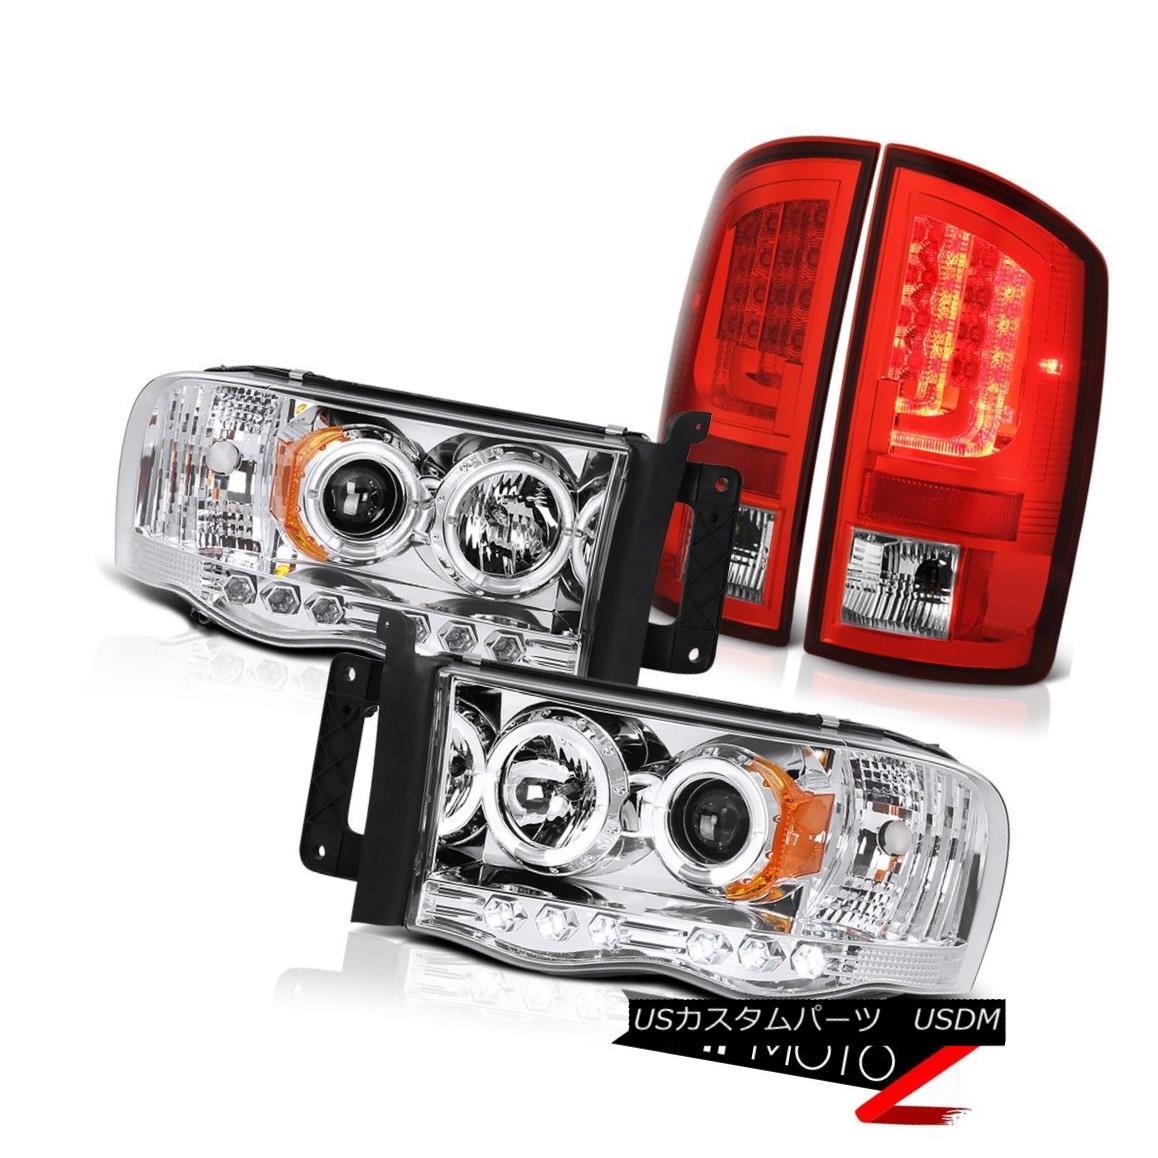 テールライト 2003-2005 Dodge Ram 2500 ST Bloody Red Tail Lights Headlamps Light Bar Halo Ring 2003-2005 Dodge Ram 2500 ST BloodyレッドテールライトヘッドランプライトバーHaloリング